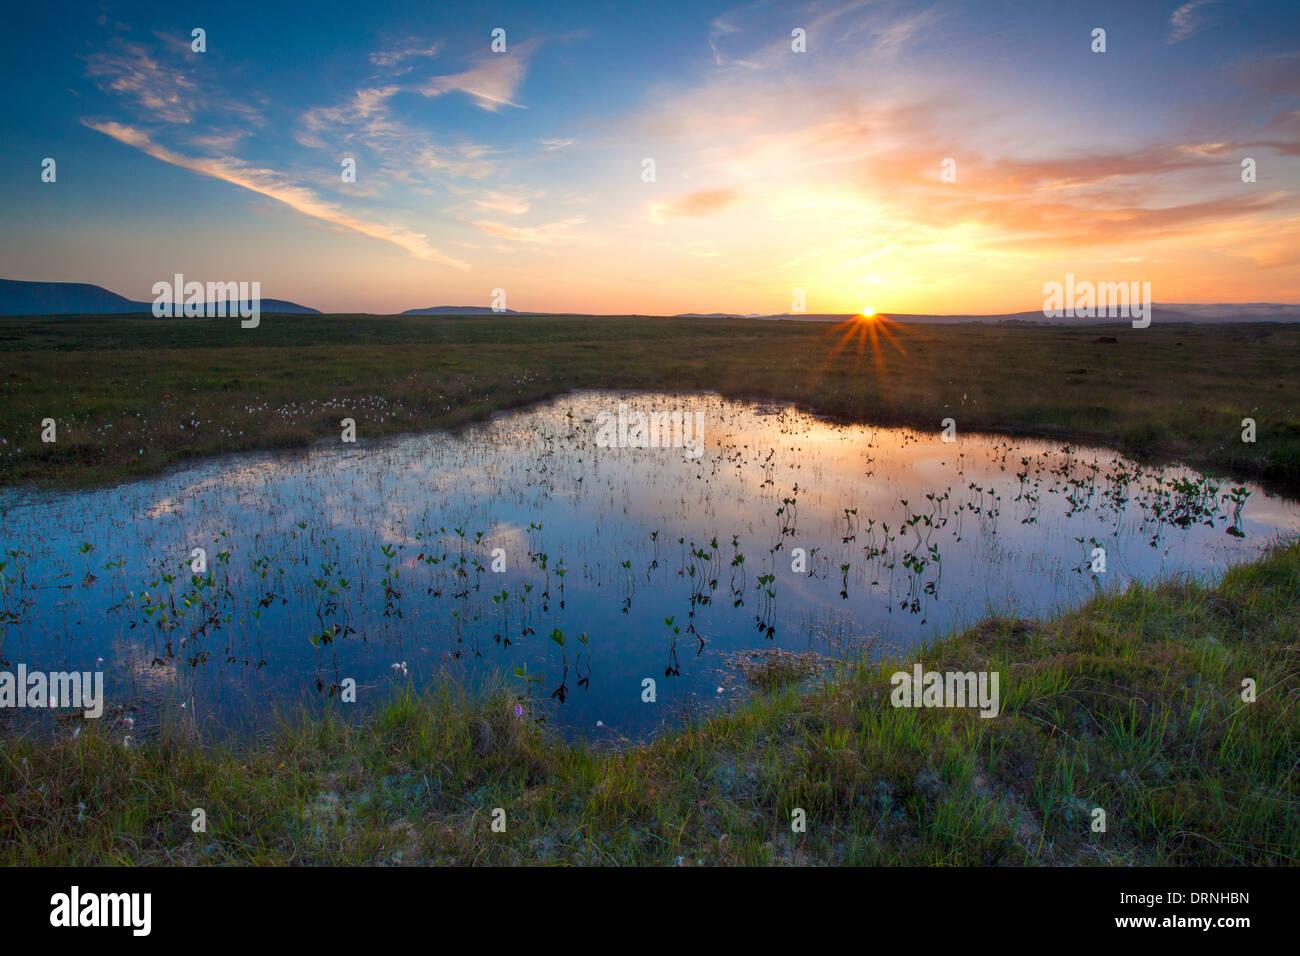 Sous le soleil piscine tourbière Nephin Beg Montagnes, Parc National de Ballycroy, Comté de Mayo, Irlande. Photo Stock